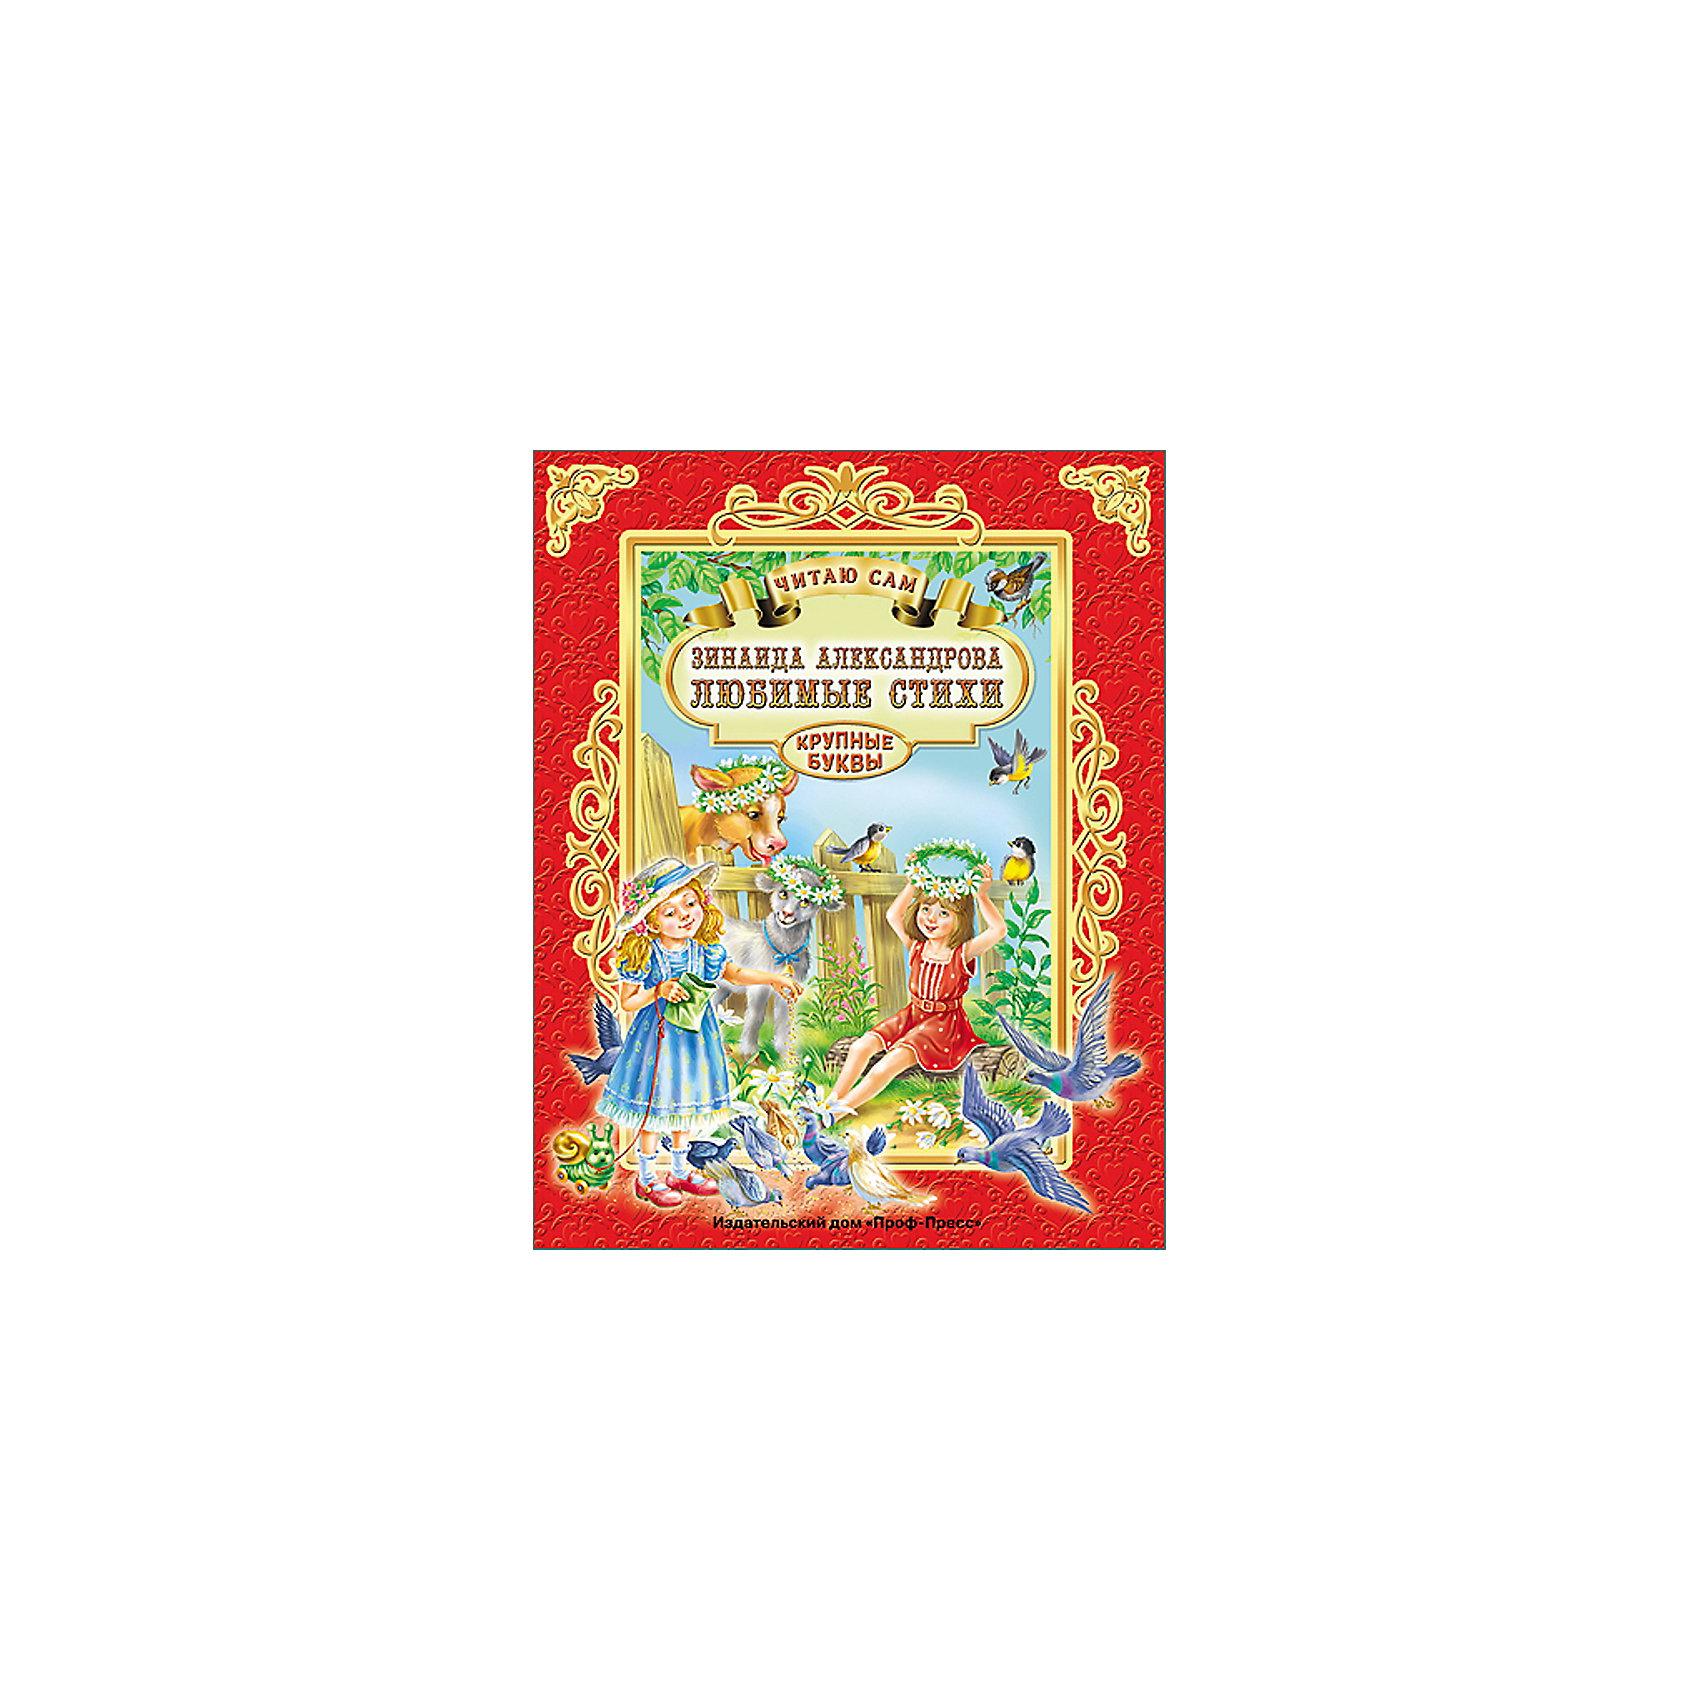 Читаю сам Любимые стихи, З. АлександроваСтихи<br>Книги серии Читаю сам отличаются крупным шрифтом - это важно для детей, которые только учатся читать. Это издание очень красиво оформлено, в него вошли самые интересные стихи известной поэтессы З.Александровой. Яркие картинки обязательно понравятся малышам! Книга сделана из качественных и безопасных для детей материалов.<br>  <br>Дополнительная информация:<br><br>размер: 200х7х255 мм;<br>вес: 200 г.<br><br>Книгу Читаю сам Любимые стихи, З. Александрова от издательства Проф-Пресс можно купить в нашем магазине.<br><br>Ширина мм: 200<br>Глубина мм: 7<br>Высота мм: 255<br>Вес г: 200<br>Возраст от месяцев: 48<br>Возраст до месяцев: 84<br>Пол: Унисекс<br>Возраст: Детский<br>SKU: 4787339